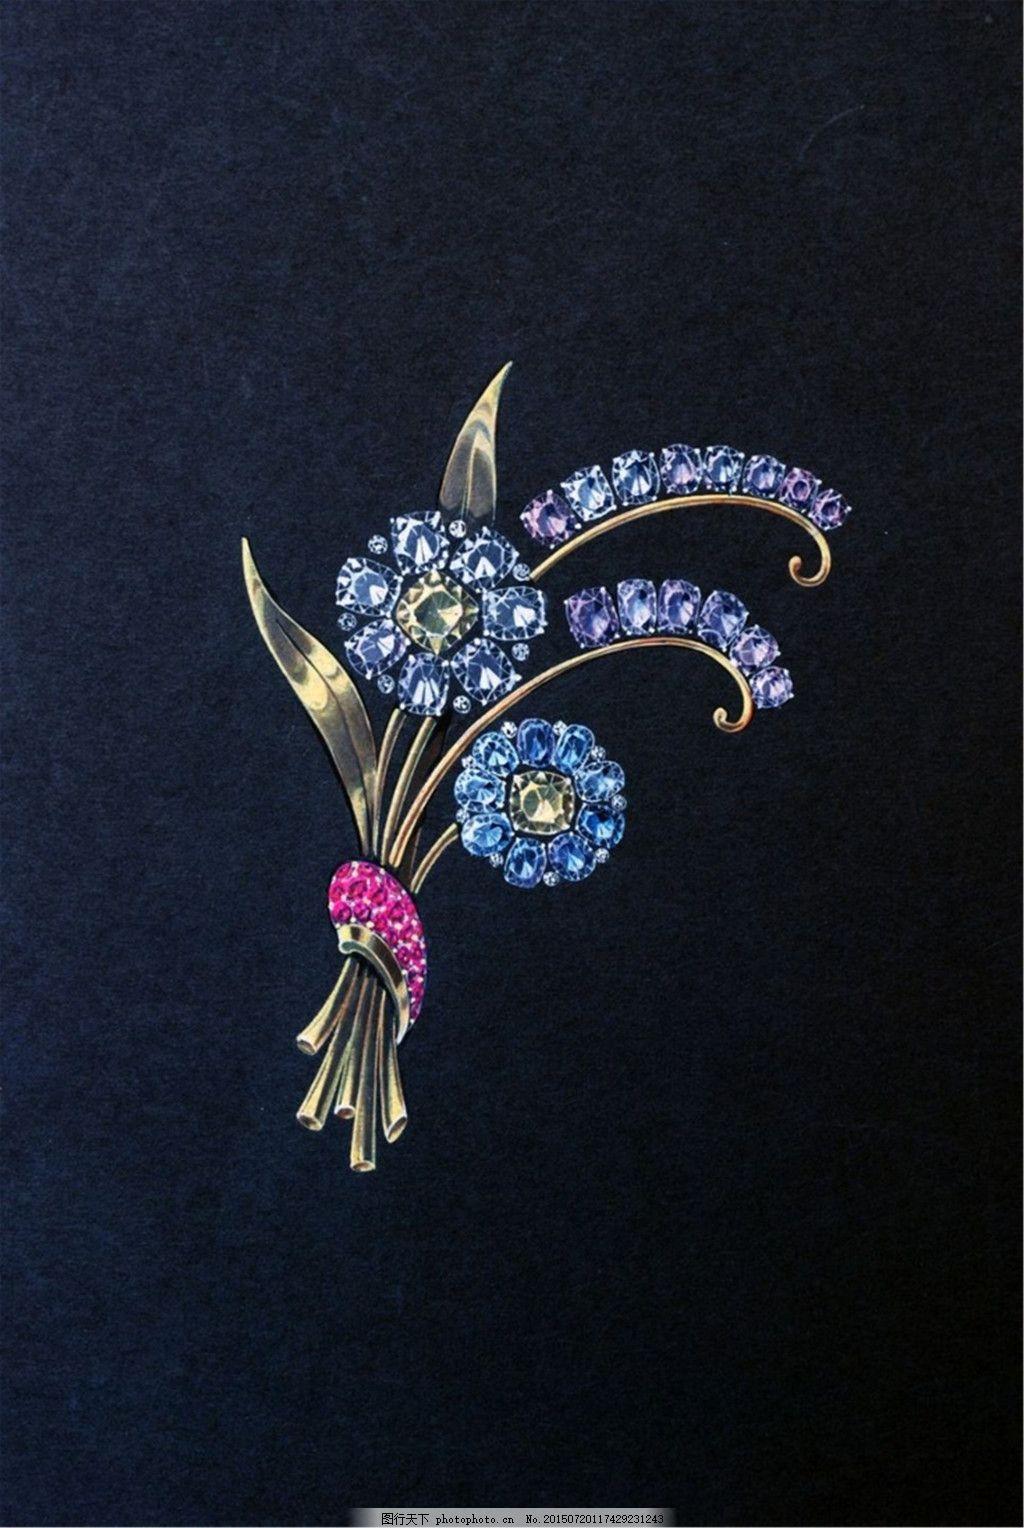 创意手绘花卉珠宝花朵素材 花束 黑色